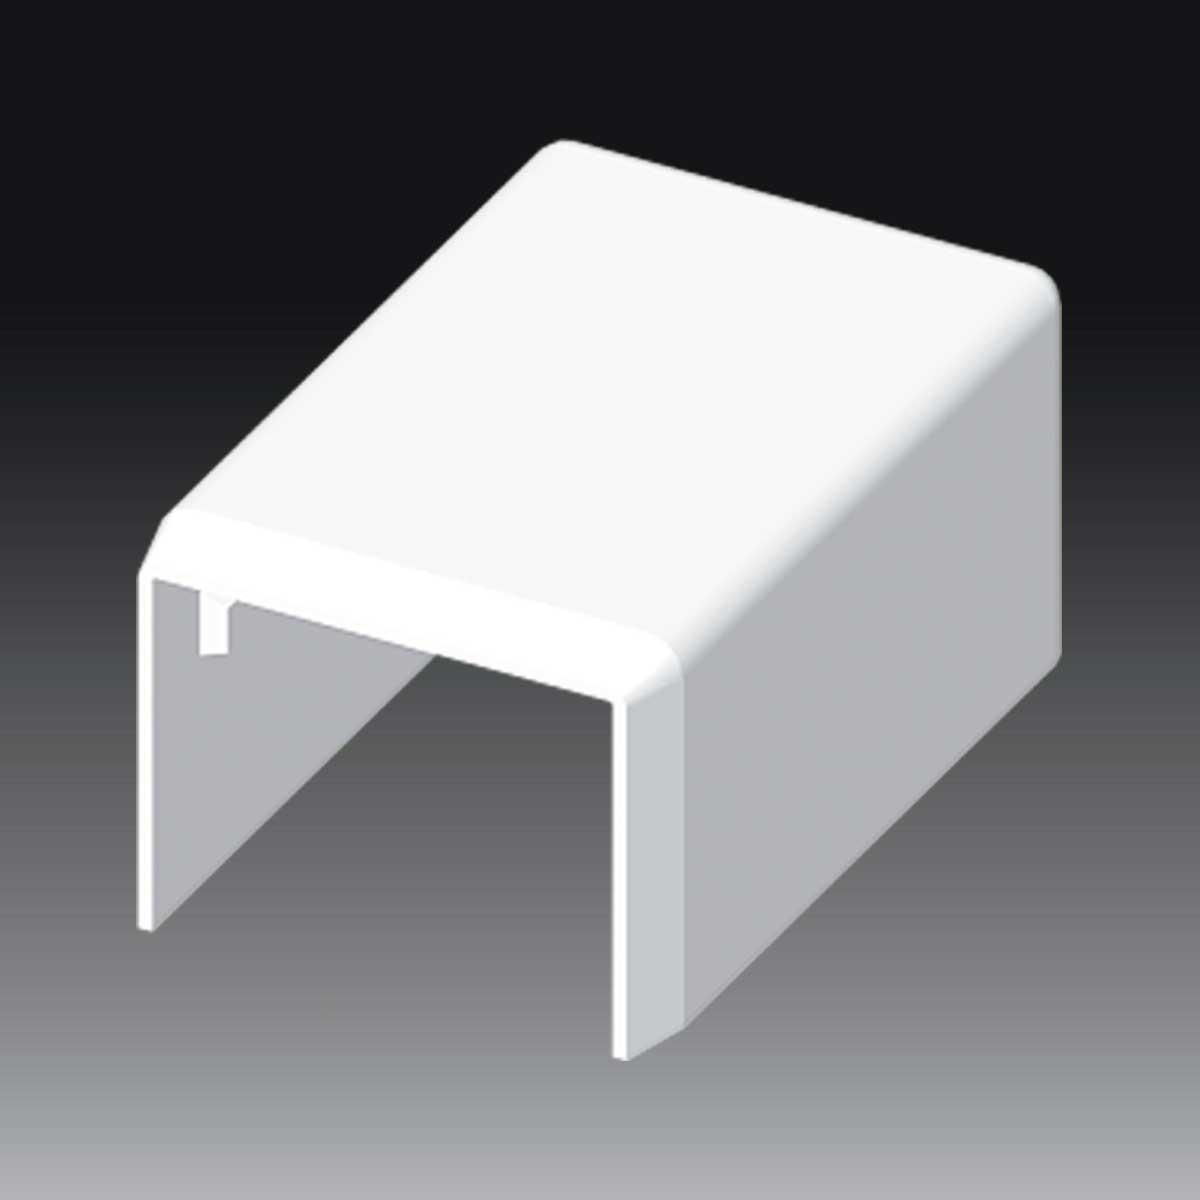 Заглушка для LHD 25х20 білого кольору; Серія LHD; ПВХ